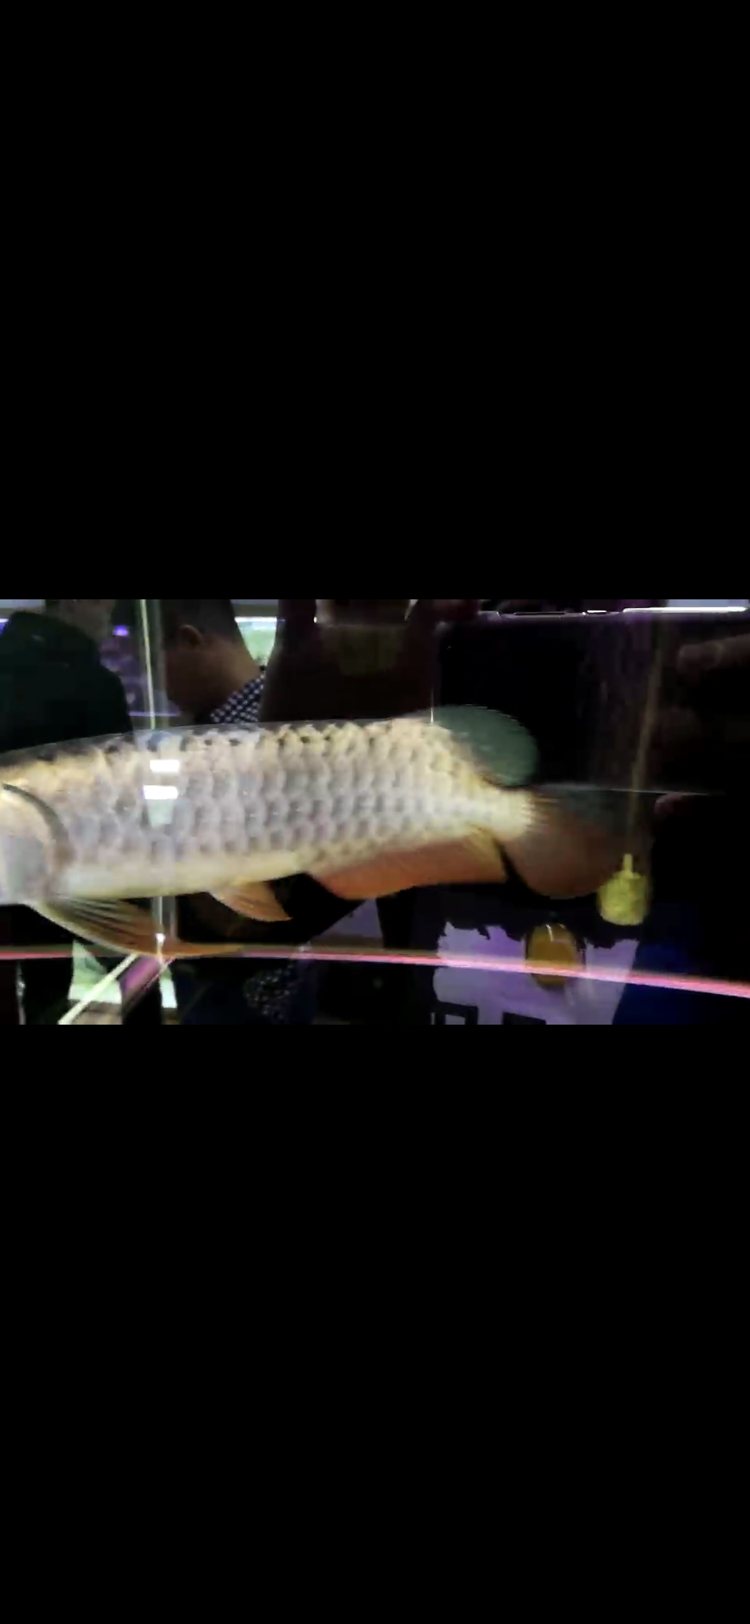 【西安豹纹夫】这只轻微掉眼的头全金龙鱼值不值 西安龙鱼论坛 西安博特第2张